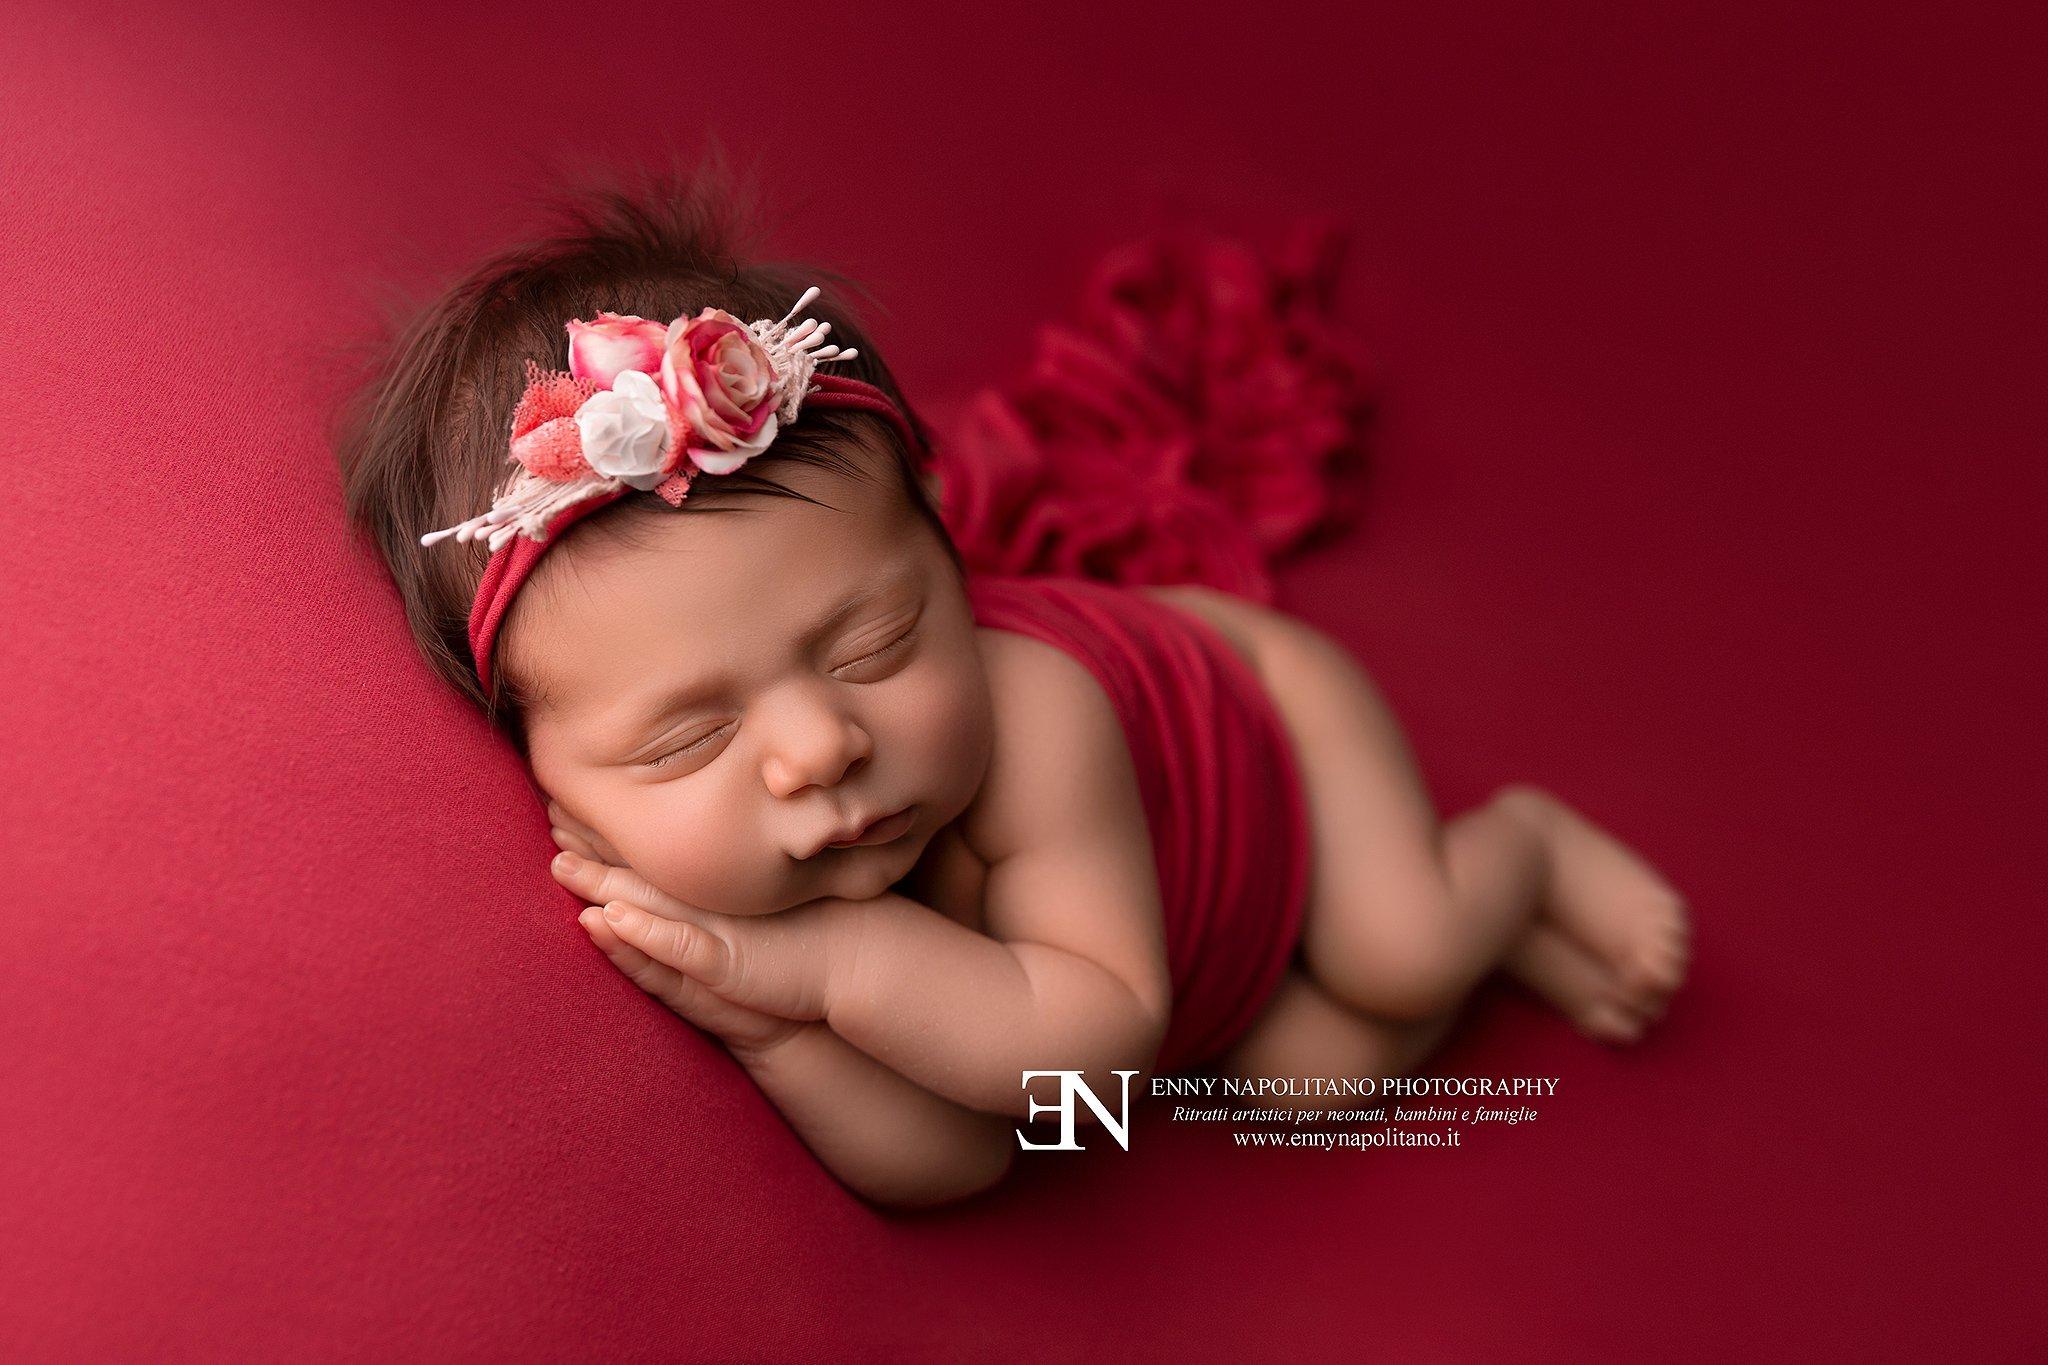 neonata che dorme sul fianco durante un servizio fotografico per neonati (newborn) a Milano, Pavia, Monza, Bergamo, Brescia, Lodi